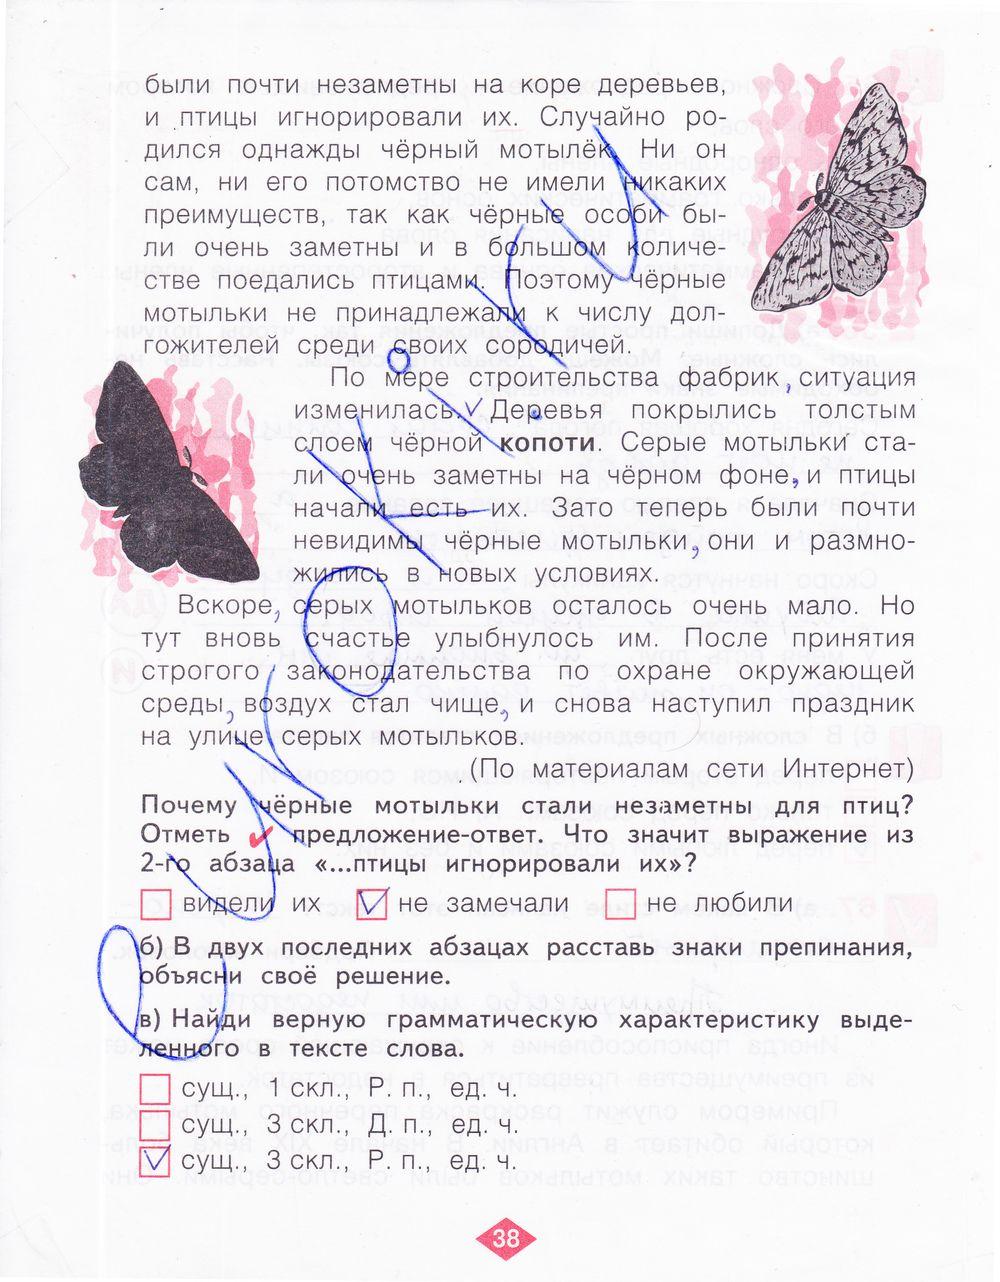 Гдз по русском языку 5 класс с.и.львова в.в.львов